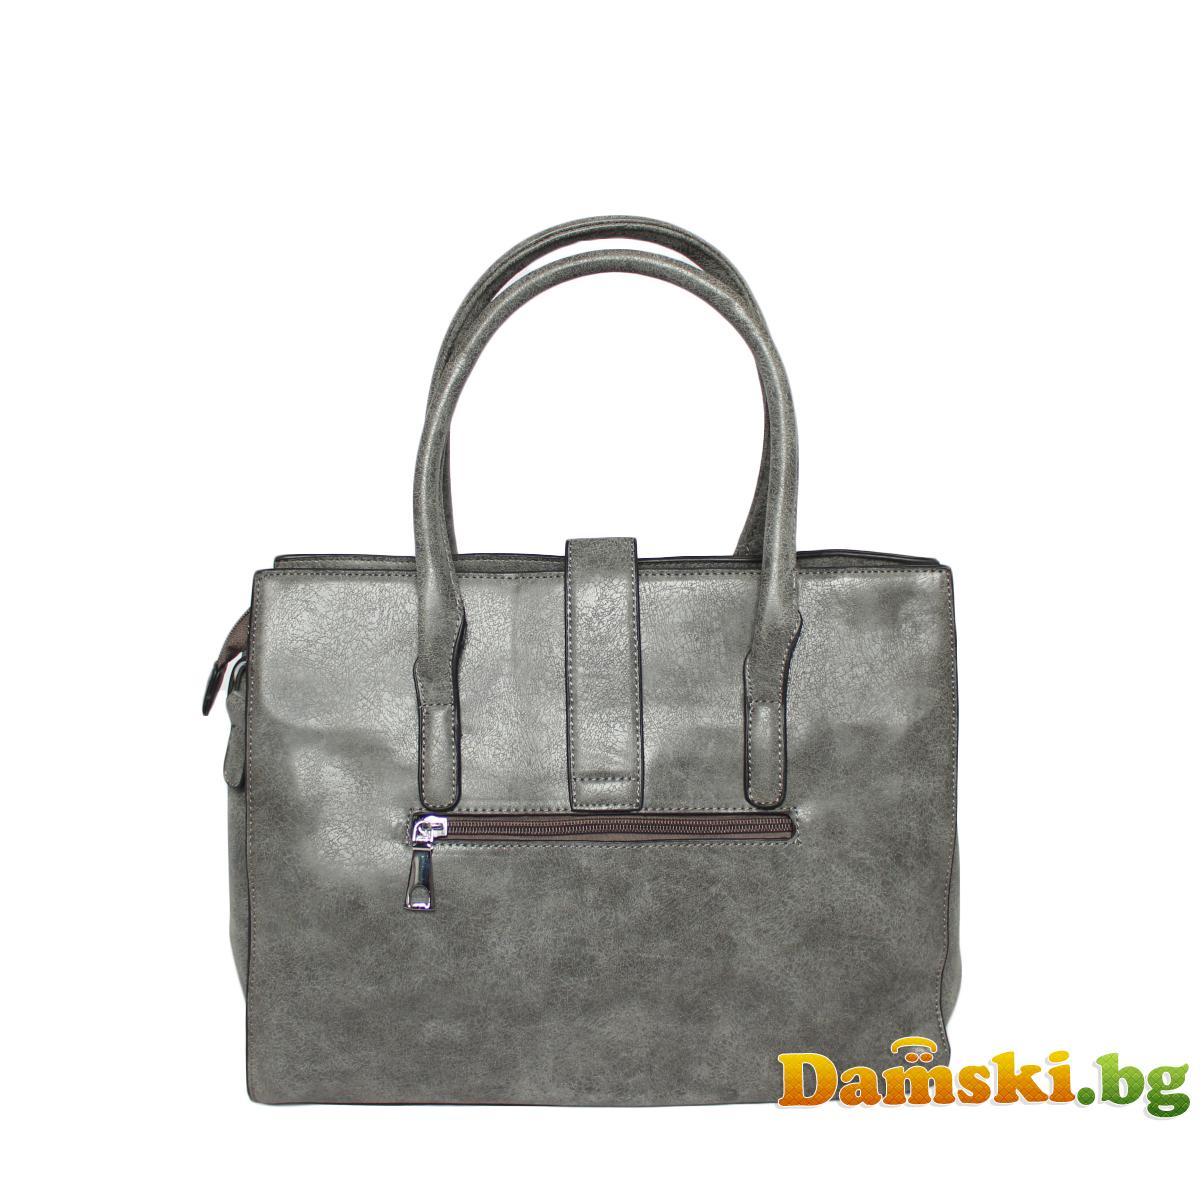 Стилна дамска чанта - змийски кожа Снимка 2 от 4